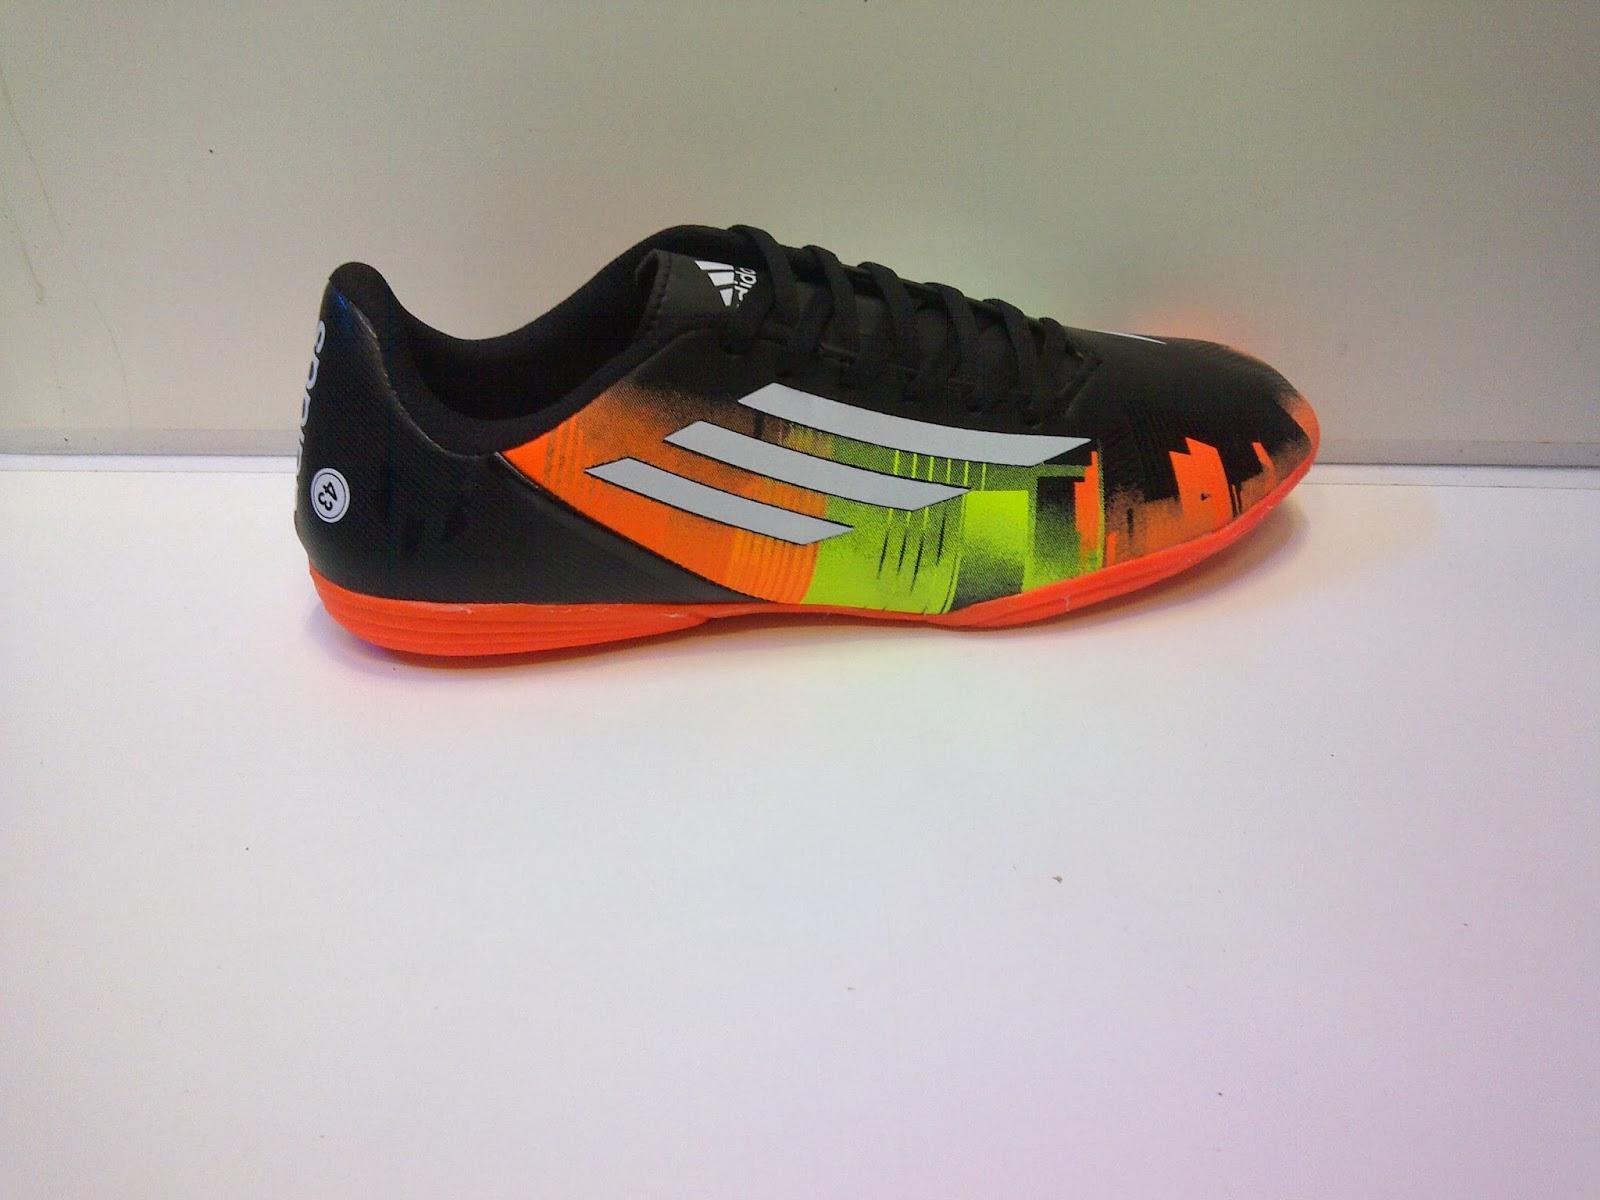 Sepatu Adidas F50 Adizero IV IC murah